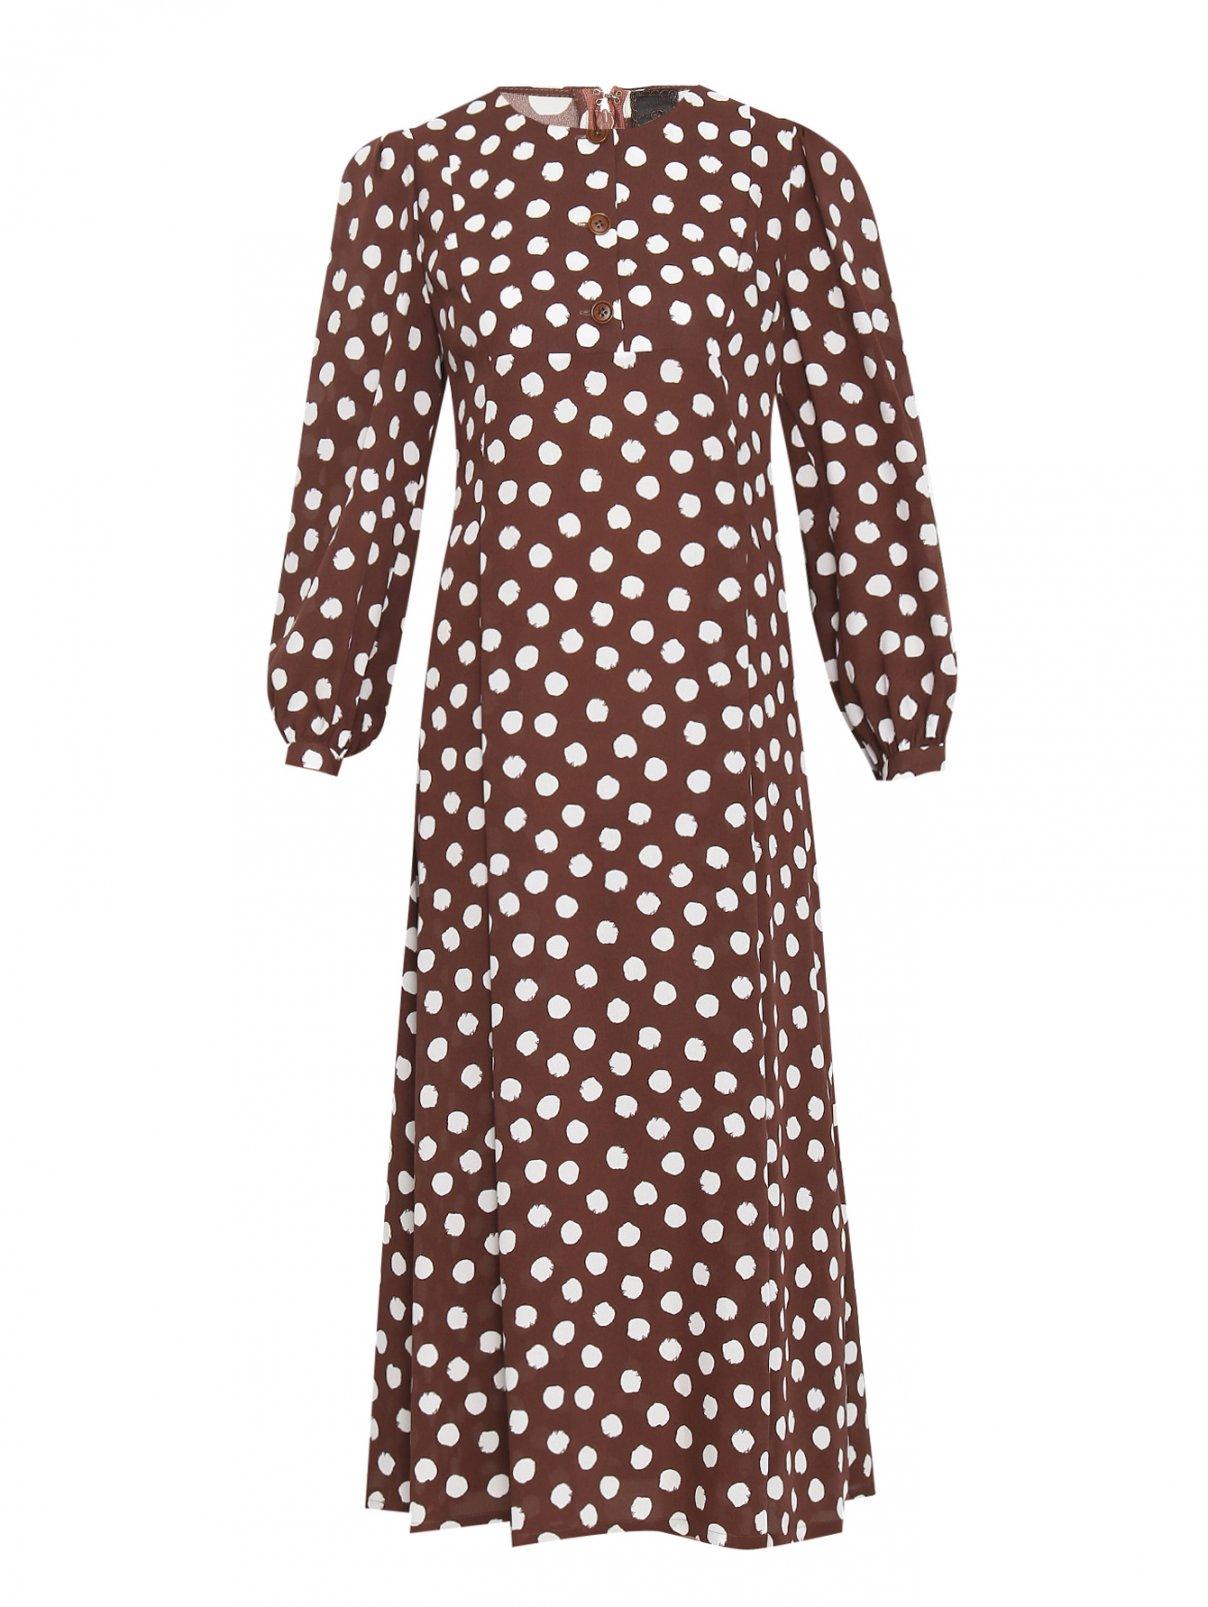 Платье из шелка с узором Ulyana Sergeenko  –  Общий вид